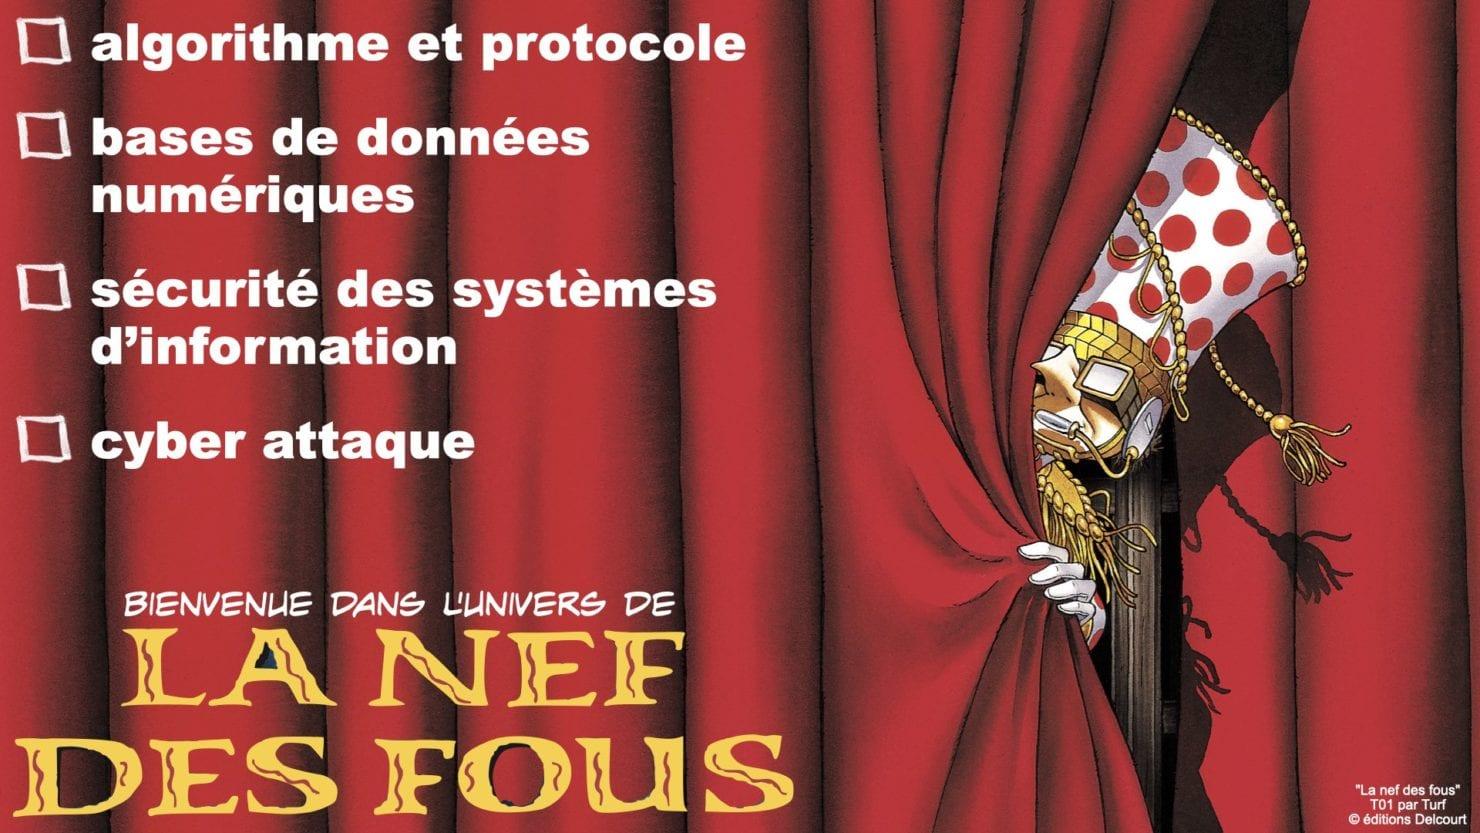 332 ALGORITHME PROTOCOLE protection innovation numérique ©Ledieu-Avocats 19-05-2021.007